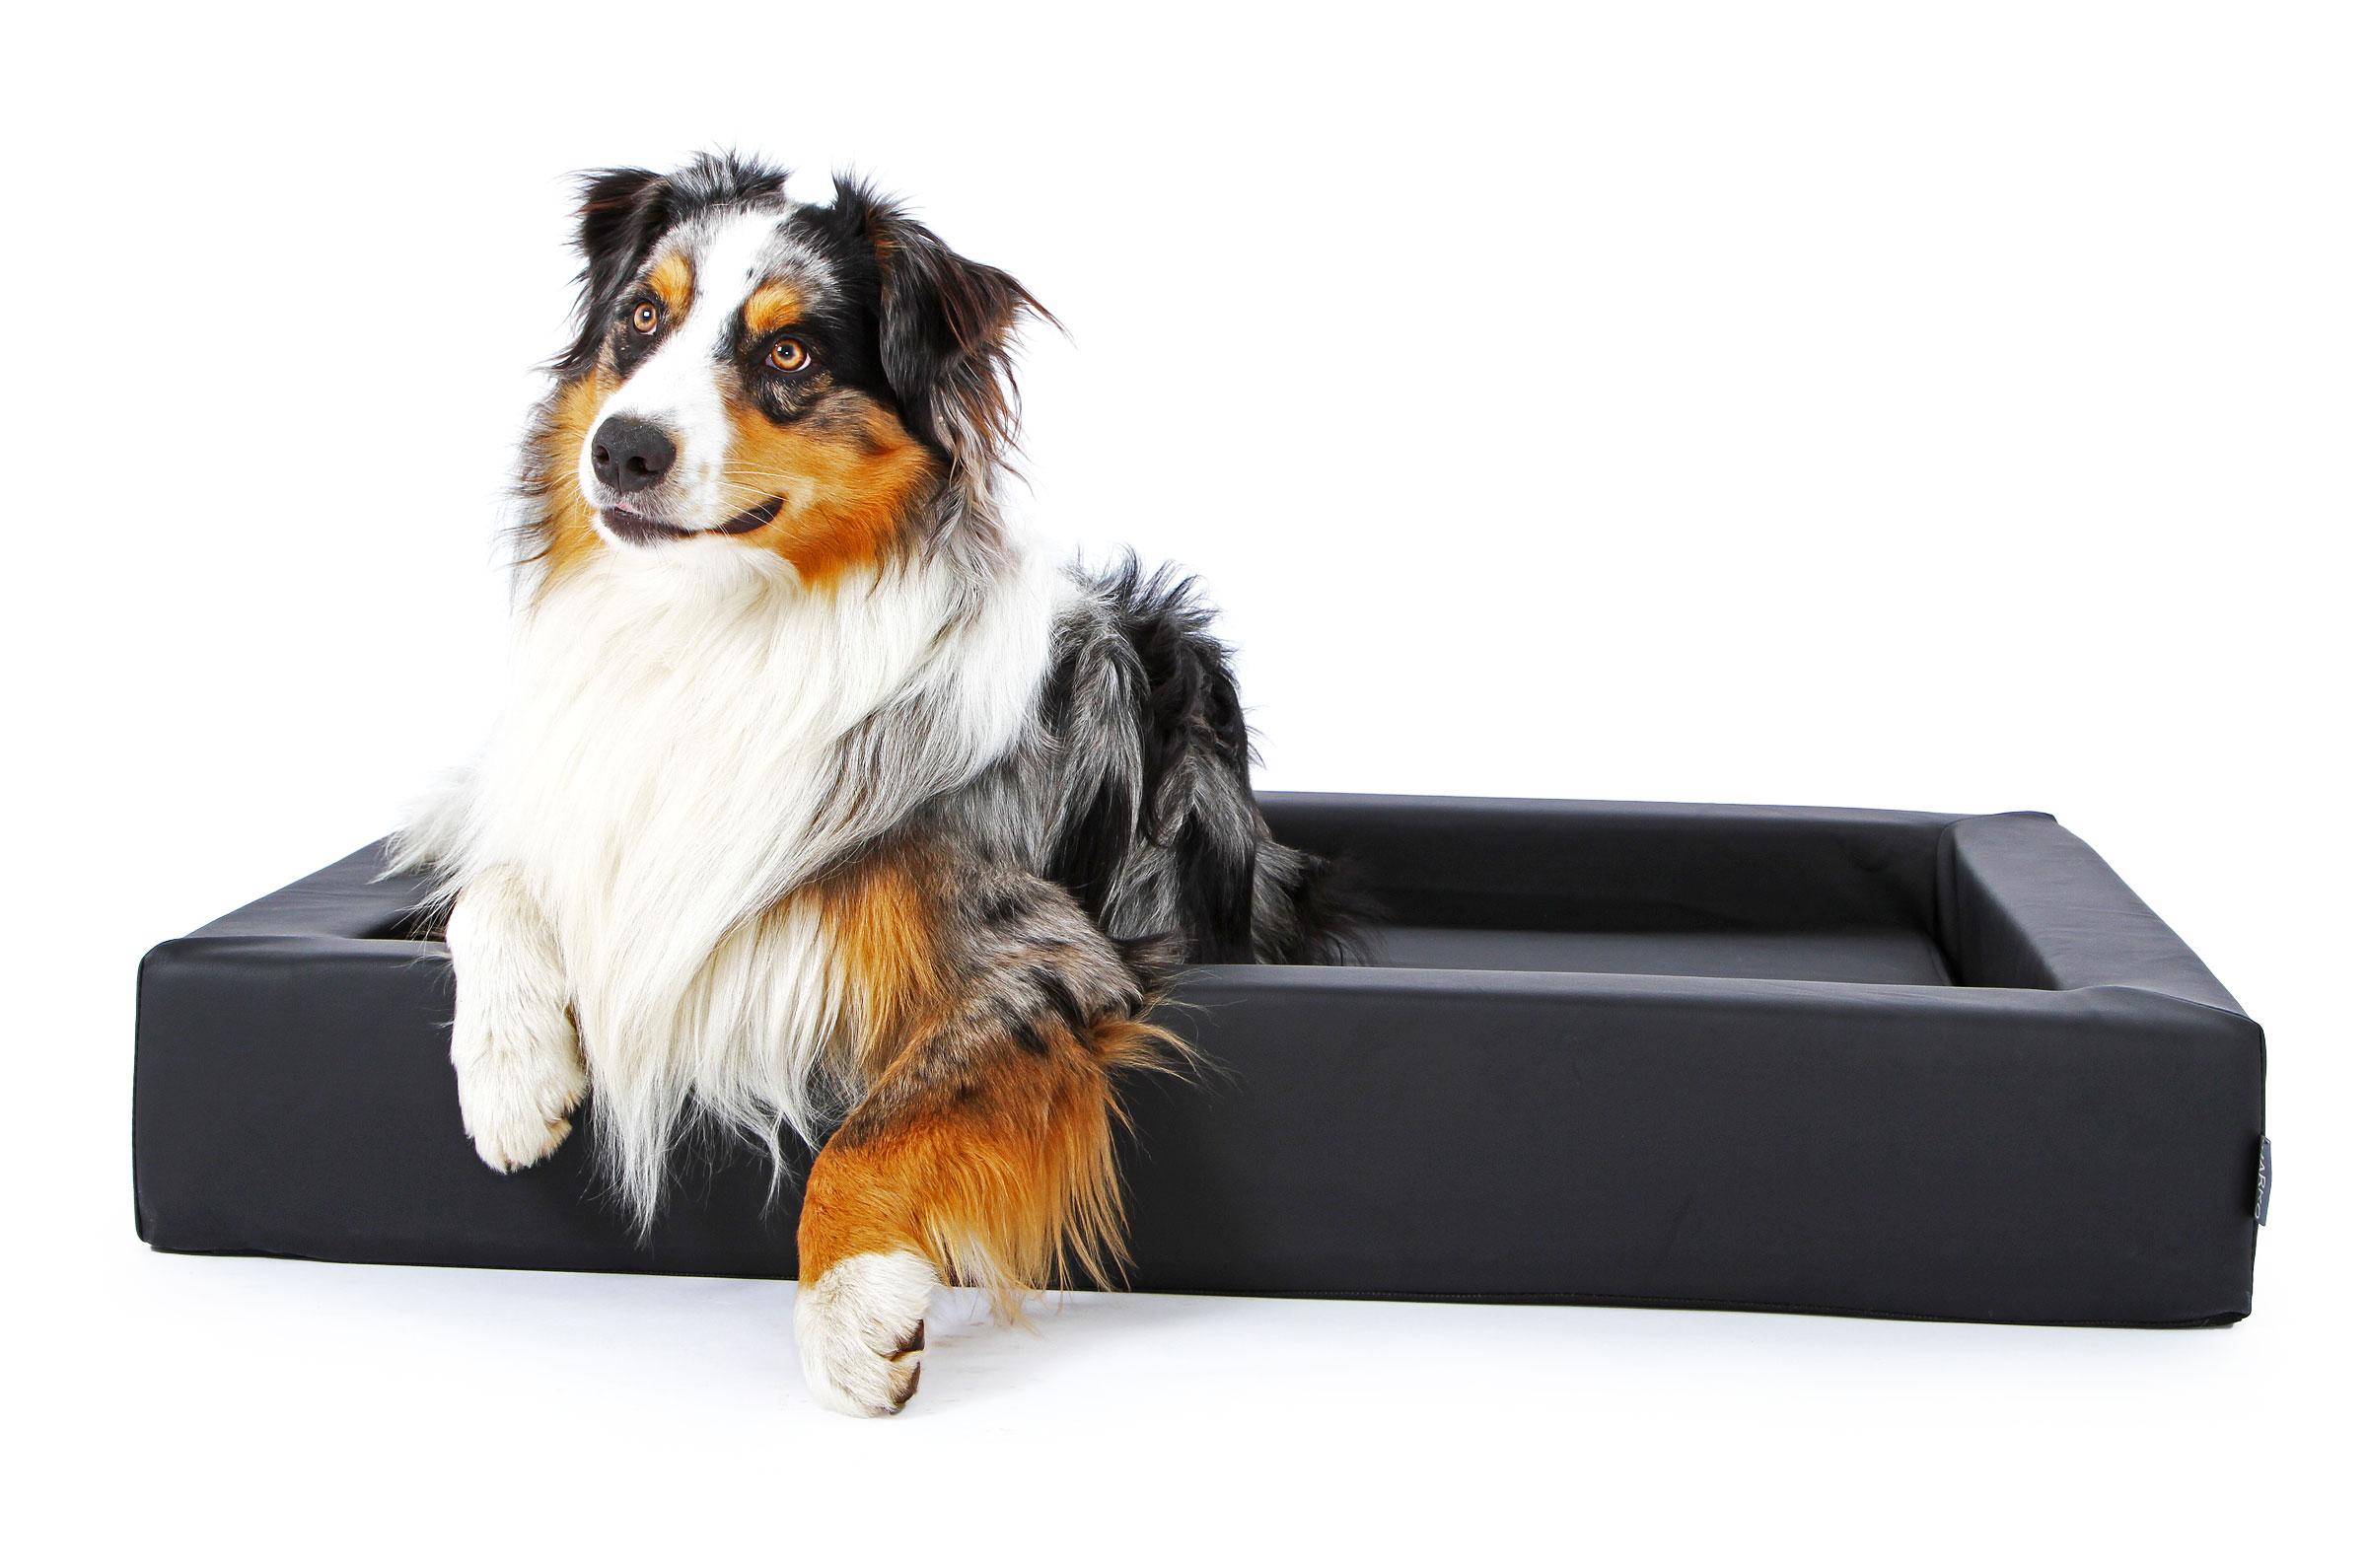 hundebett aus schmutzresistentem kunstleder harko. Black Bedroom Furniture Sets. Home Design Ideas